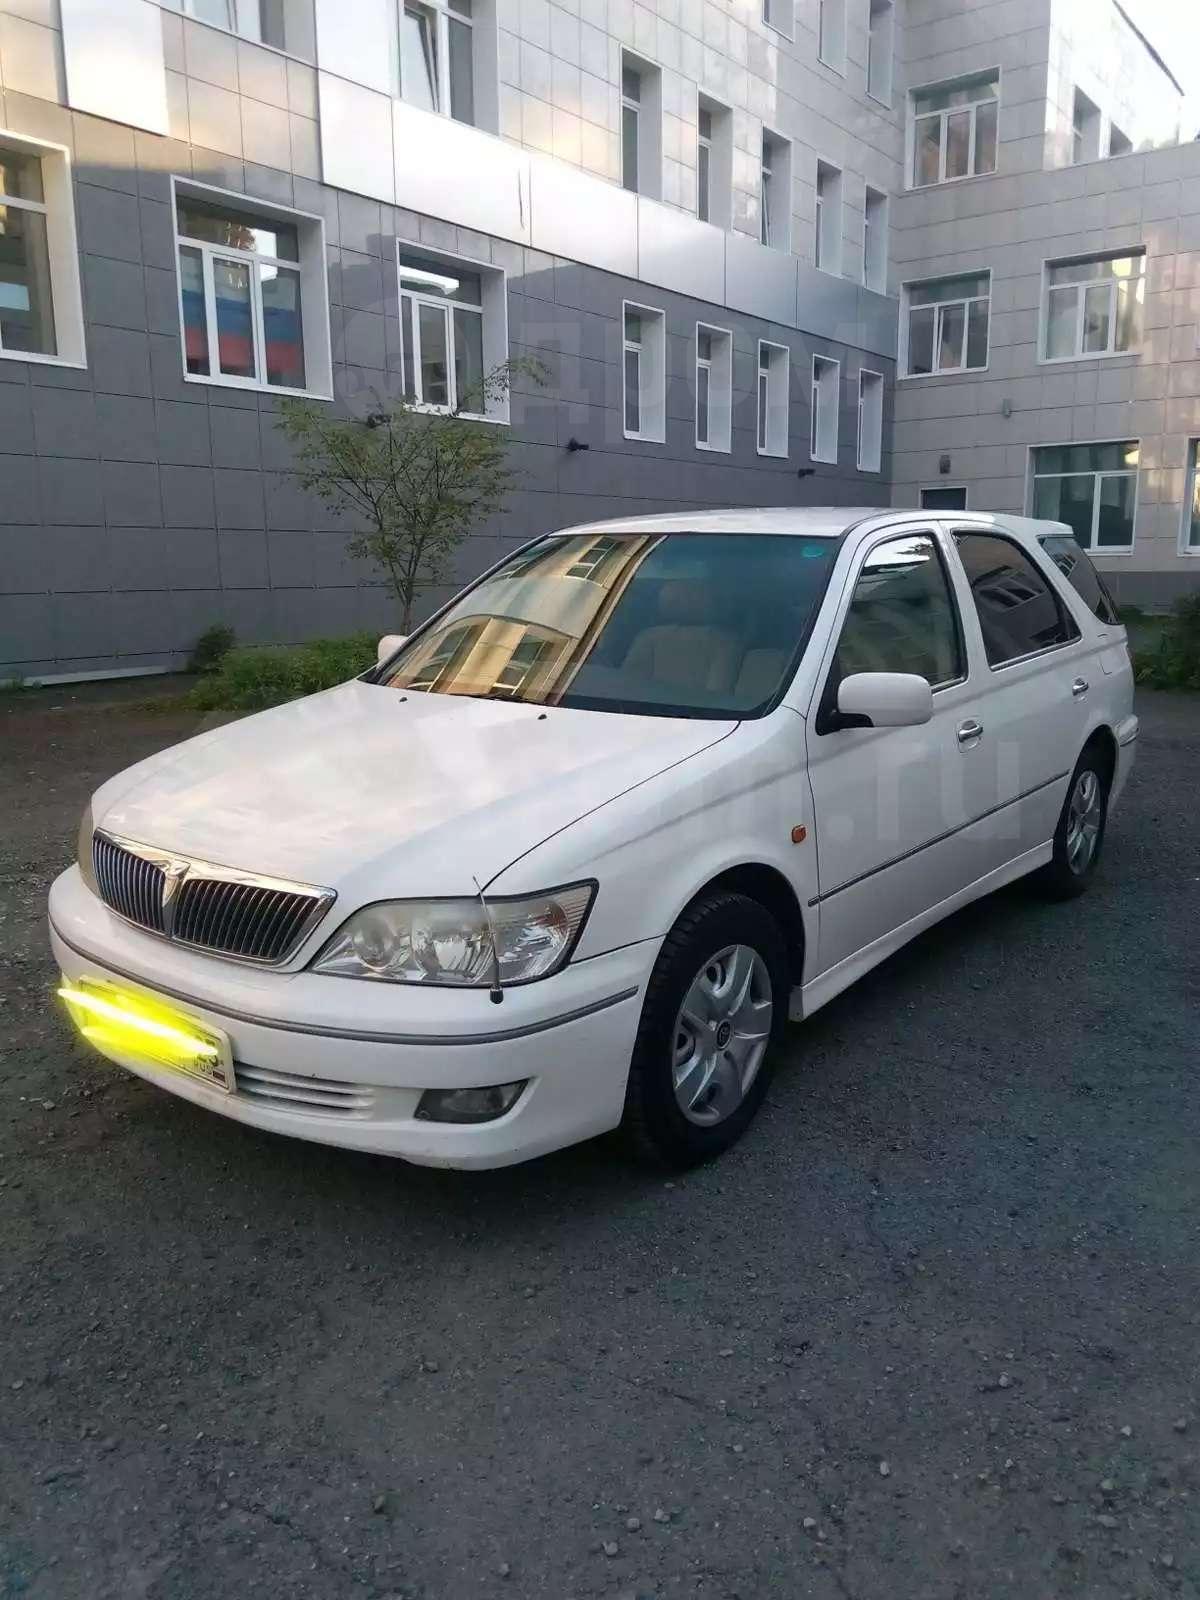 Тойота Виста 2001 год, 2 литра, АКПП, Свердловская область ...